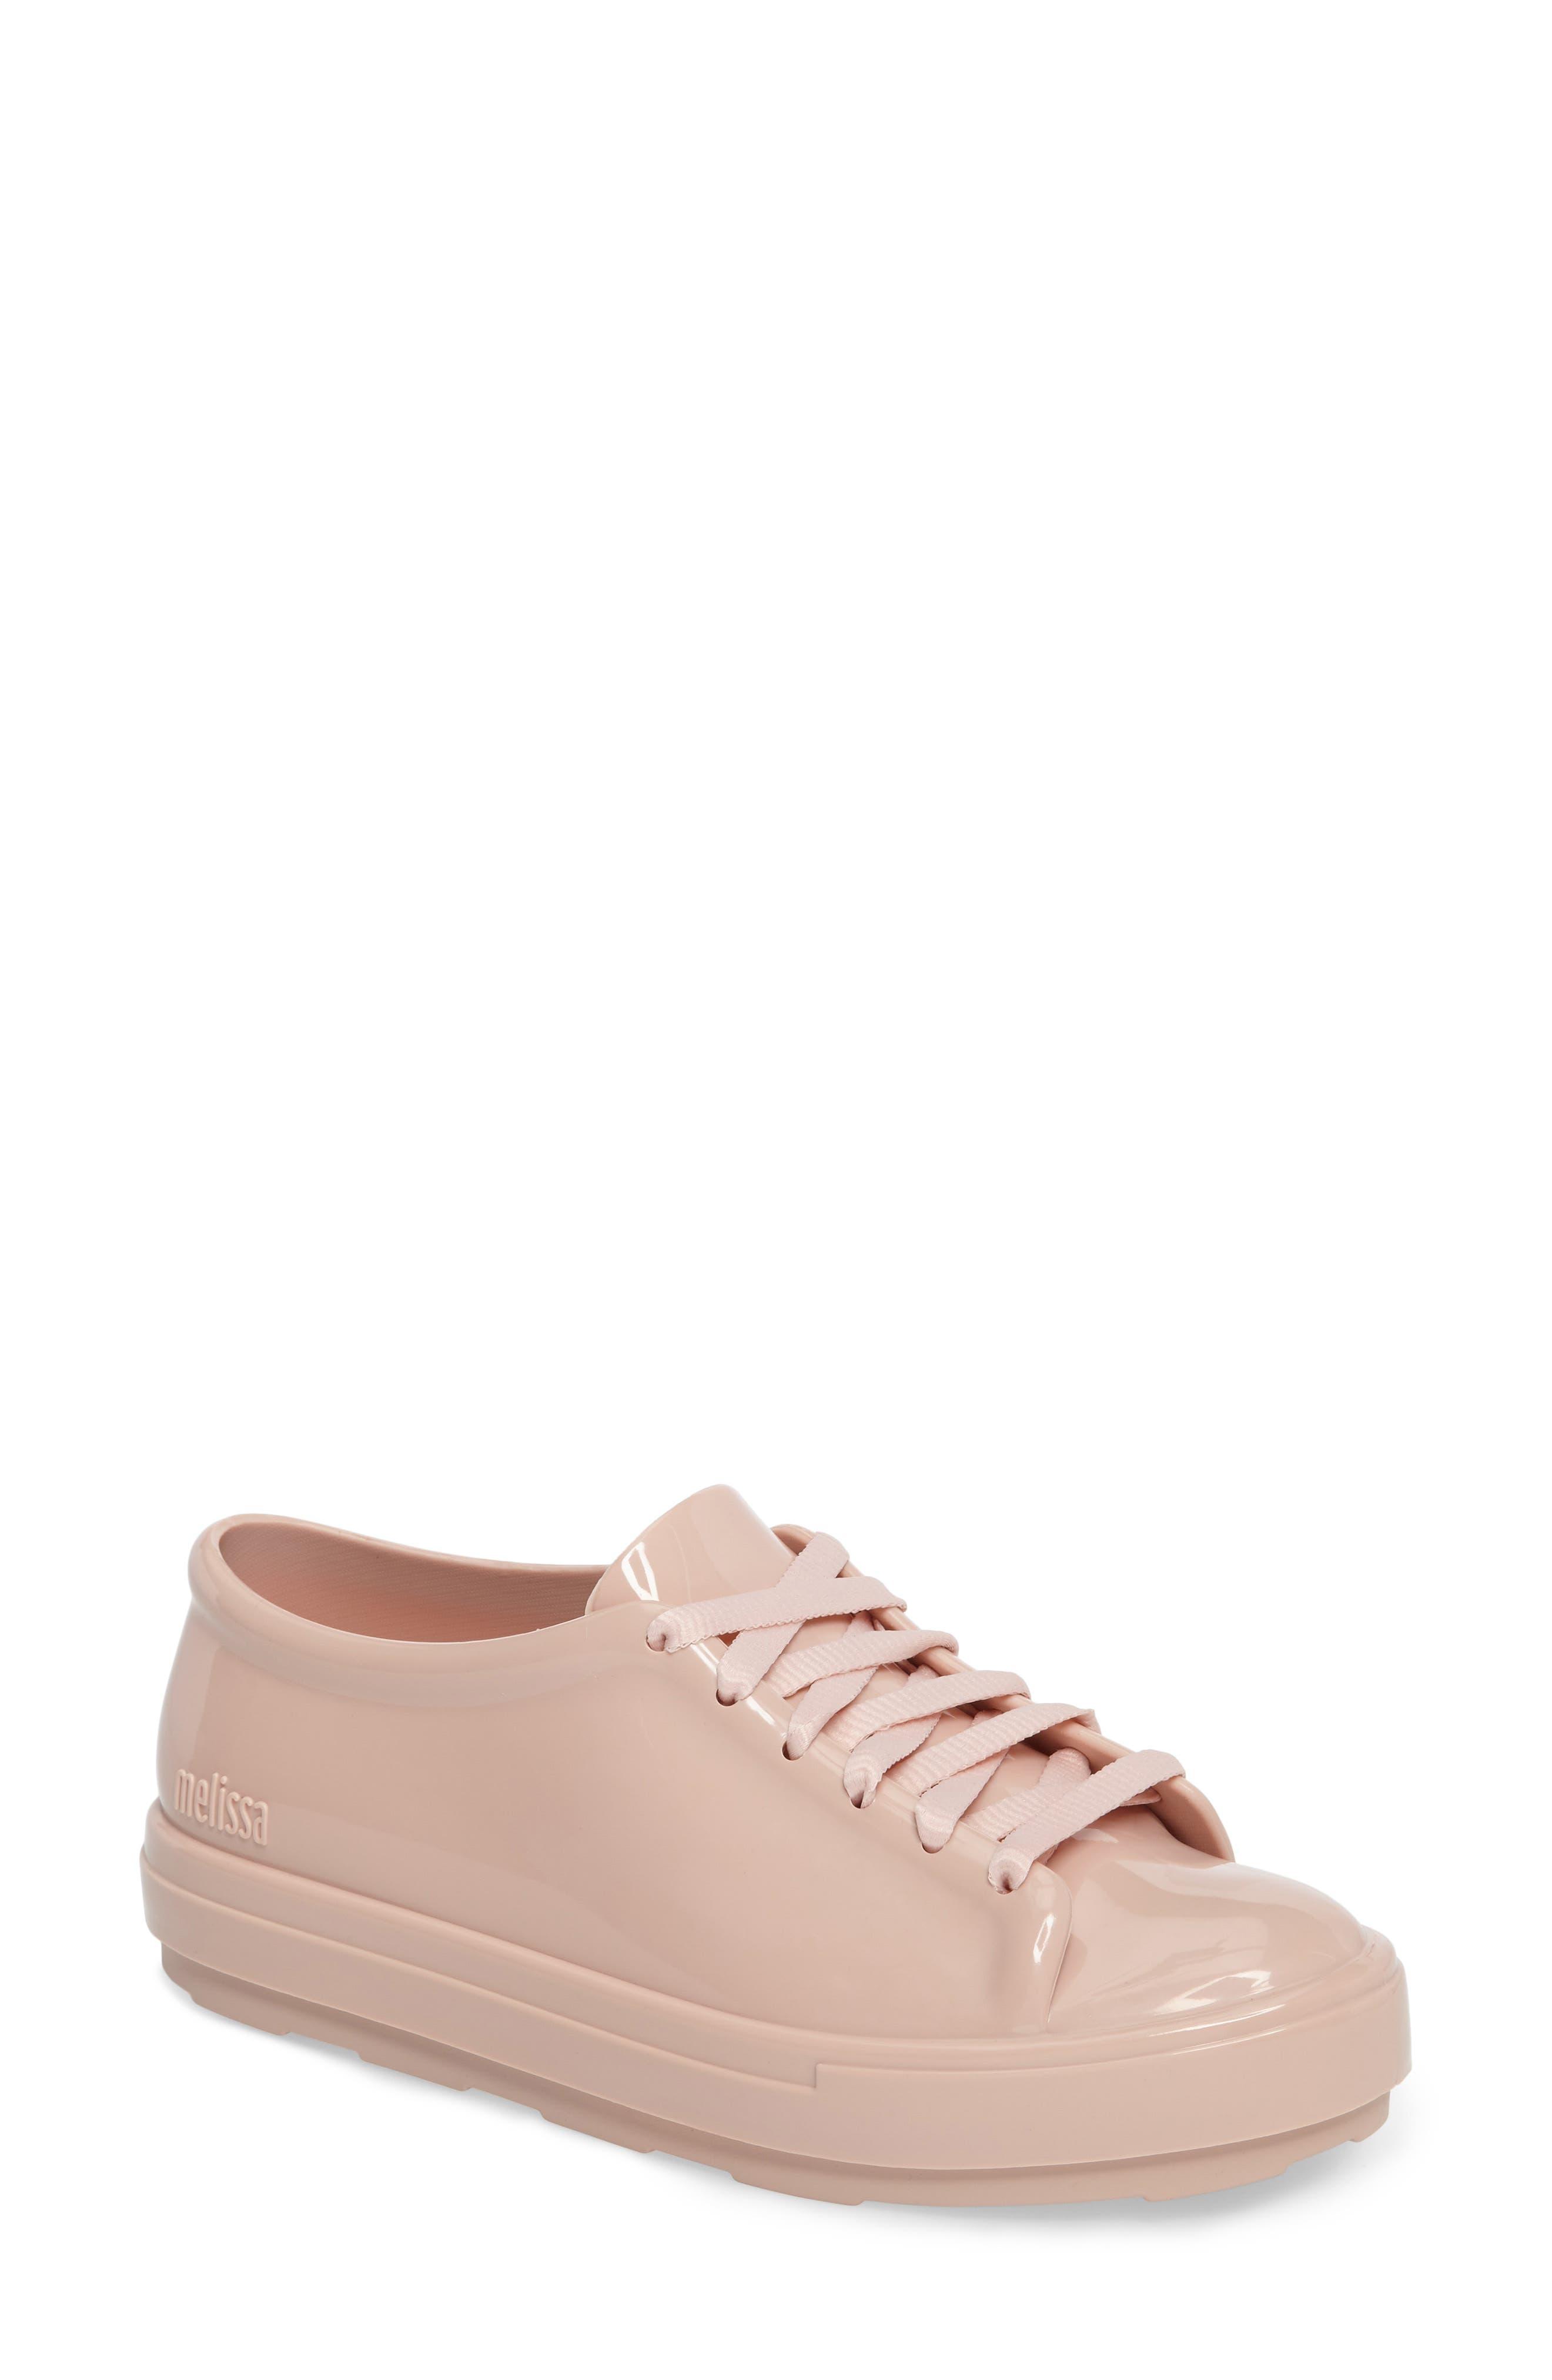 Melissa Be Sneaker (Women)